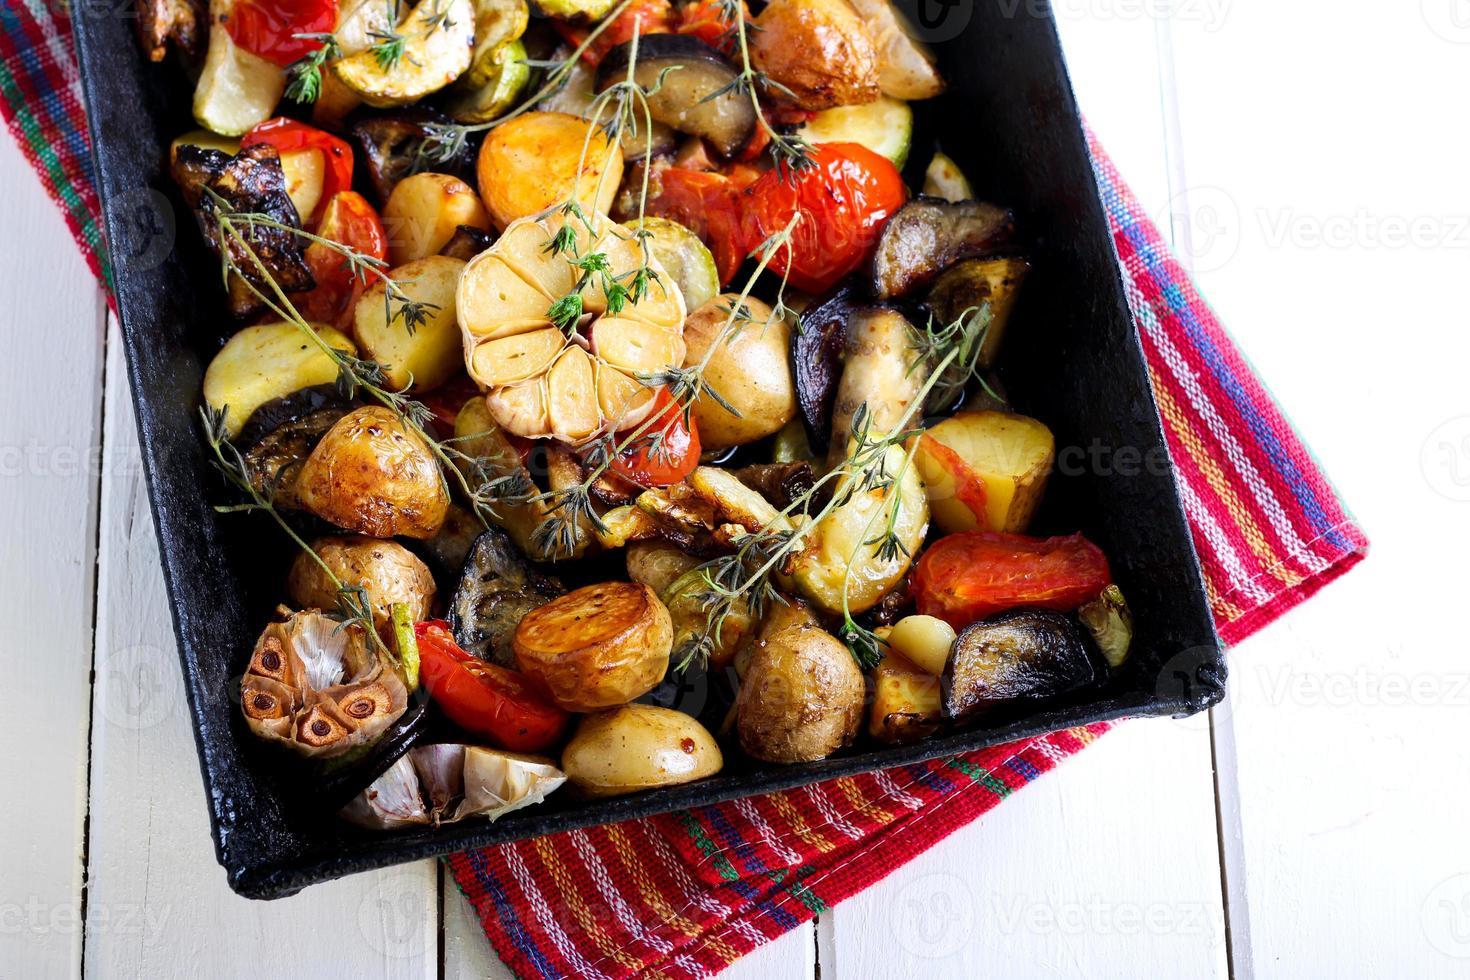 legumes cozidos com alecrim foto